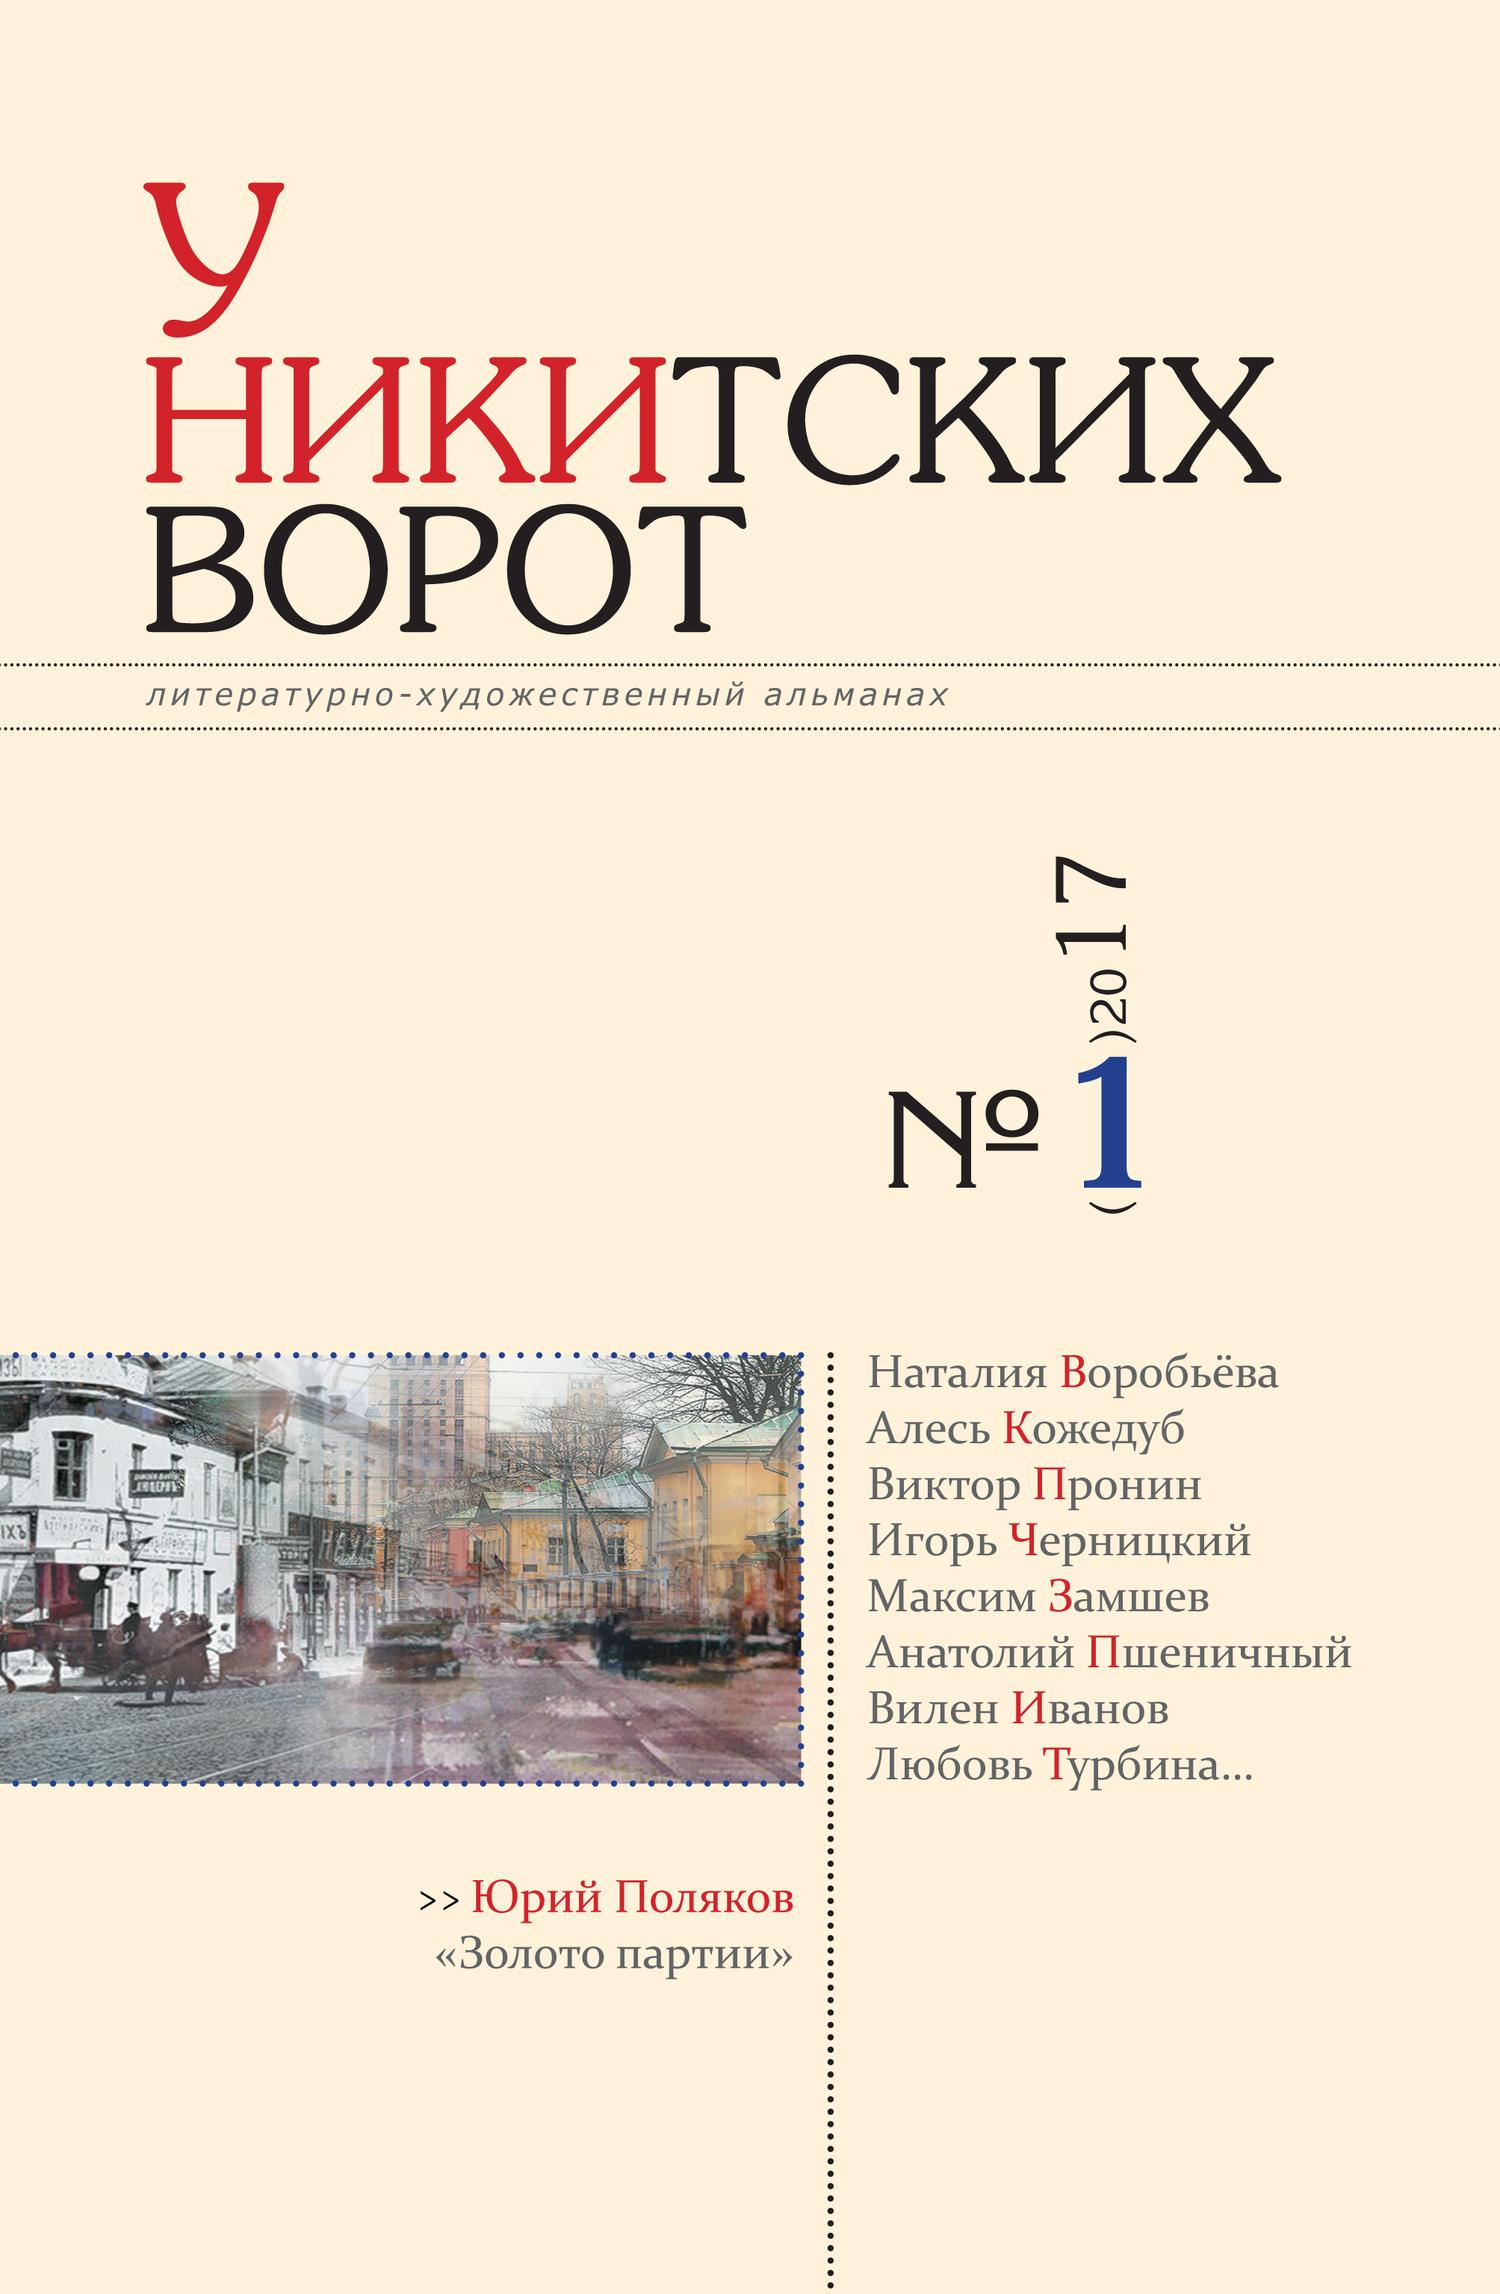 У Никитских ворот. Литературно-художественный альманах №2(2) 2017 г.